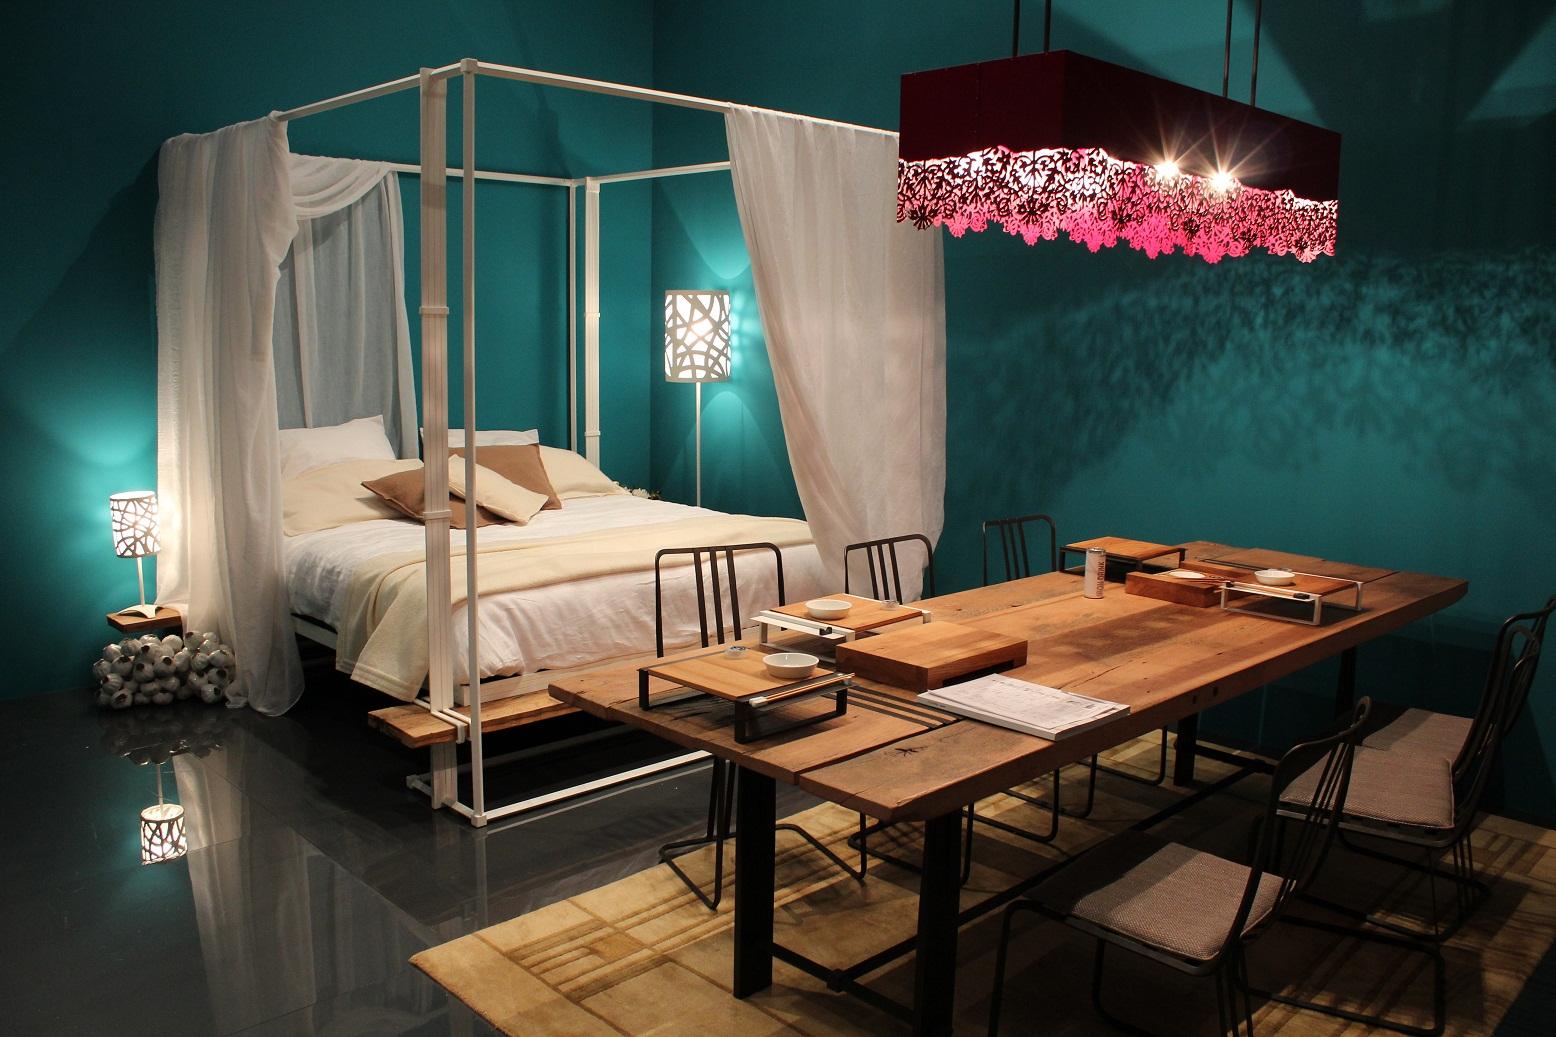 Salone del mobile 2013 arredamento moderno for Espositori salone del mobile